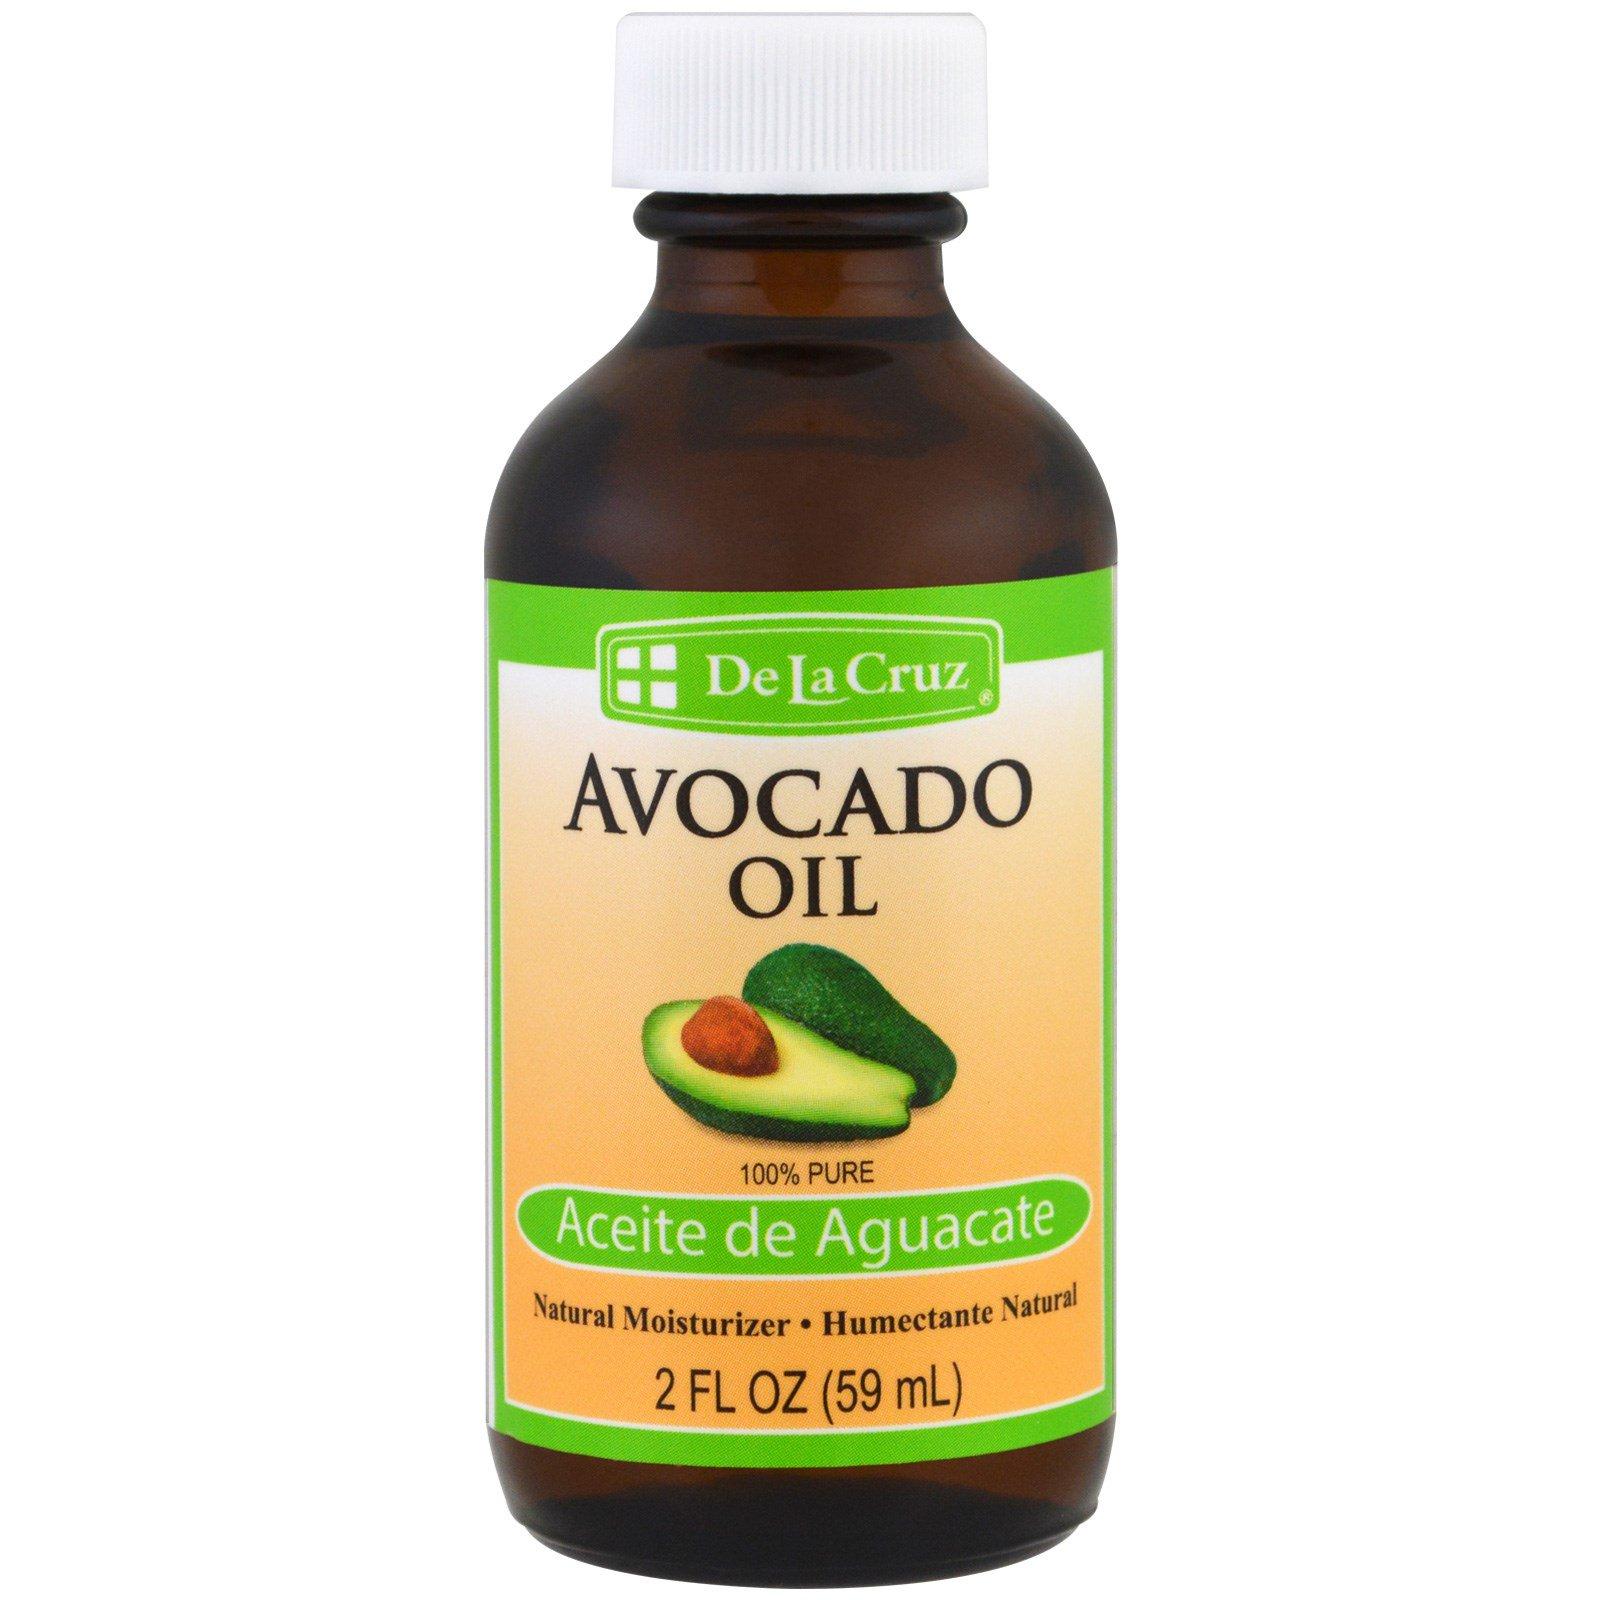 De La Cruz, 100% Pure Avocado Oil, 2 fl oz (59 ml)